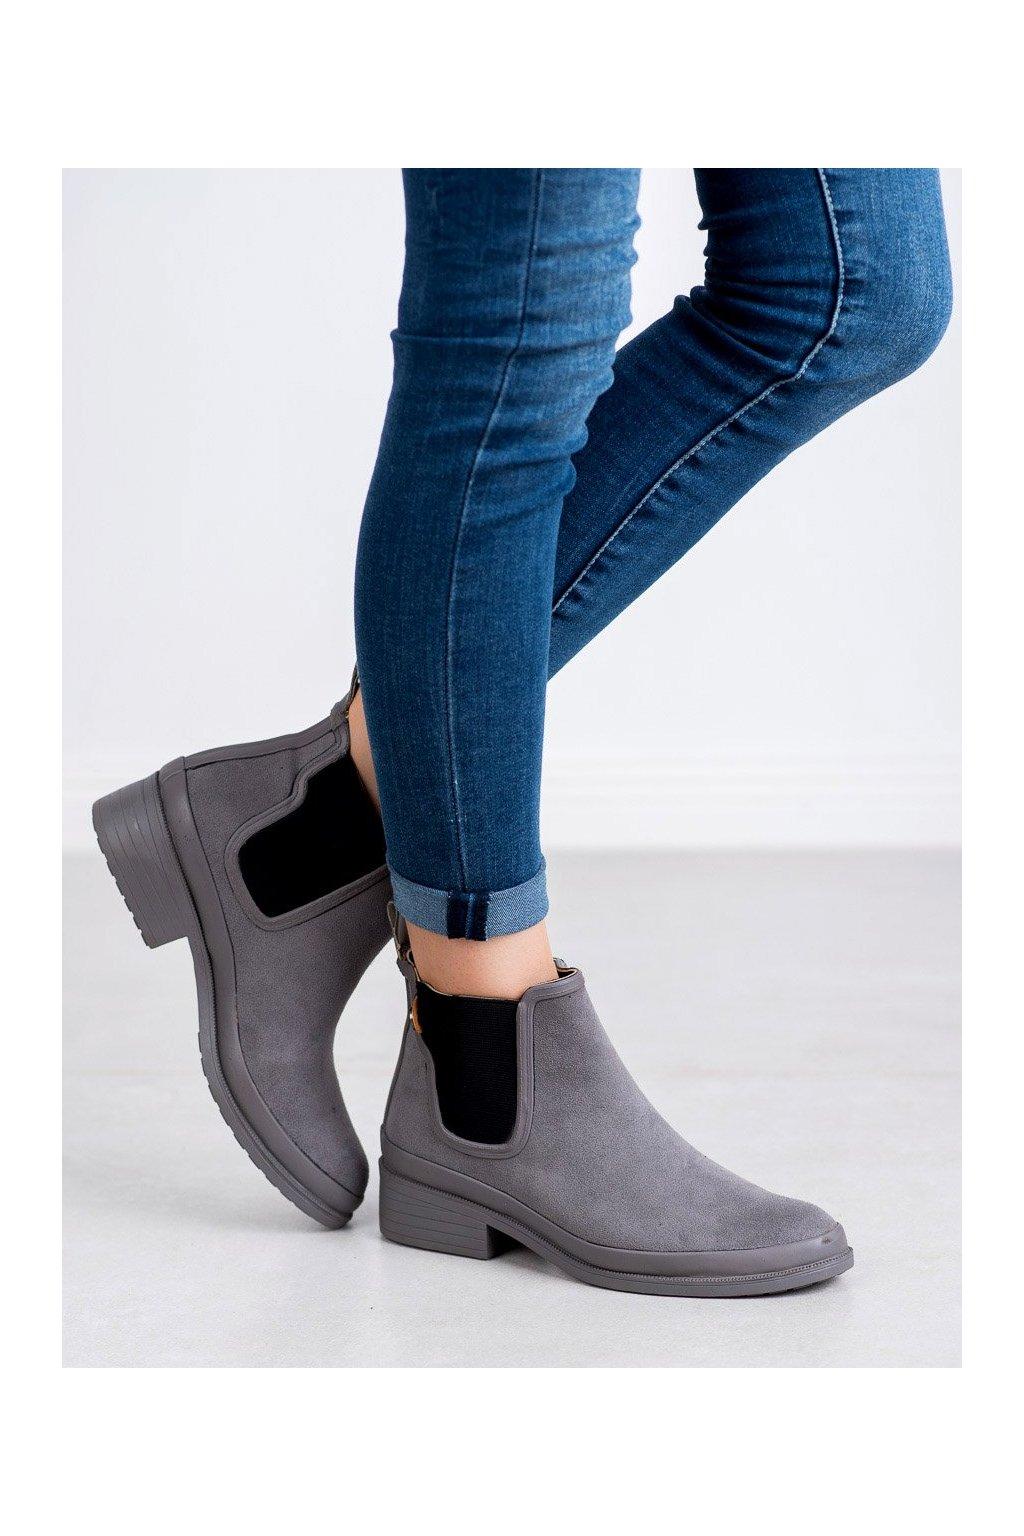 Sivé dámske topánky Kylie kod K1871201G